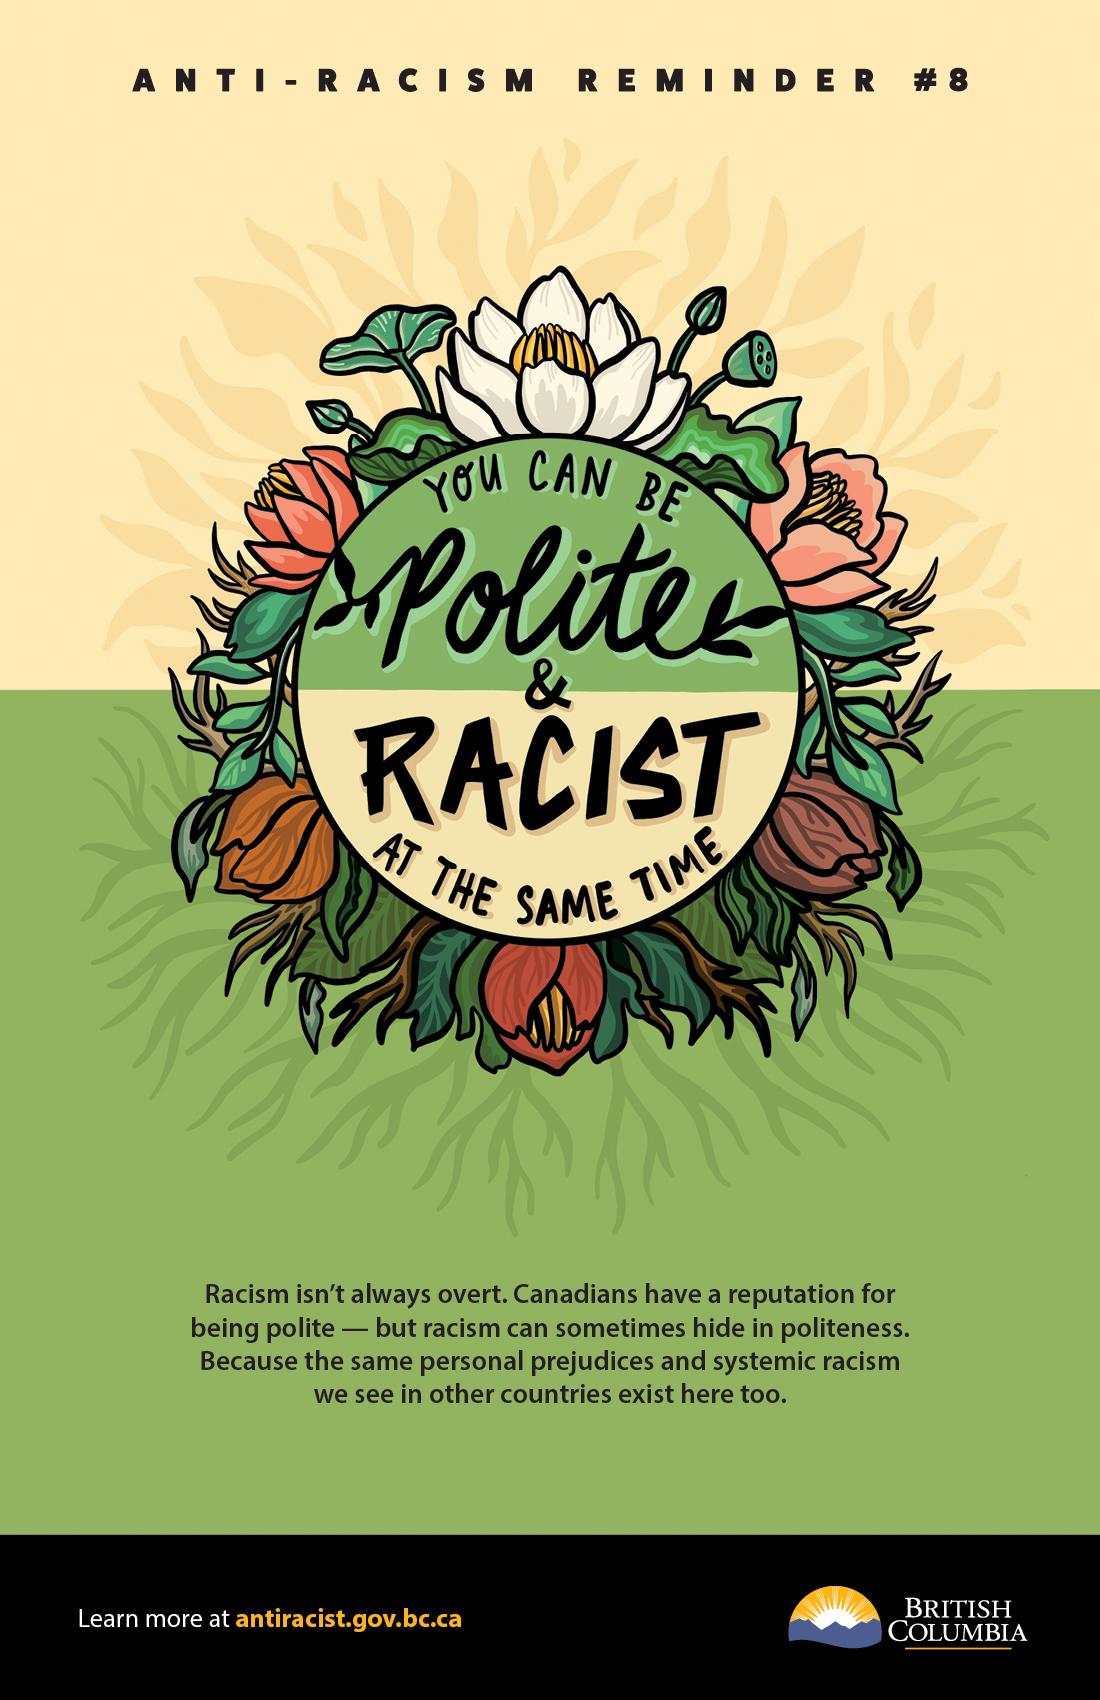 Anti-Racism Reminder #8